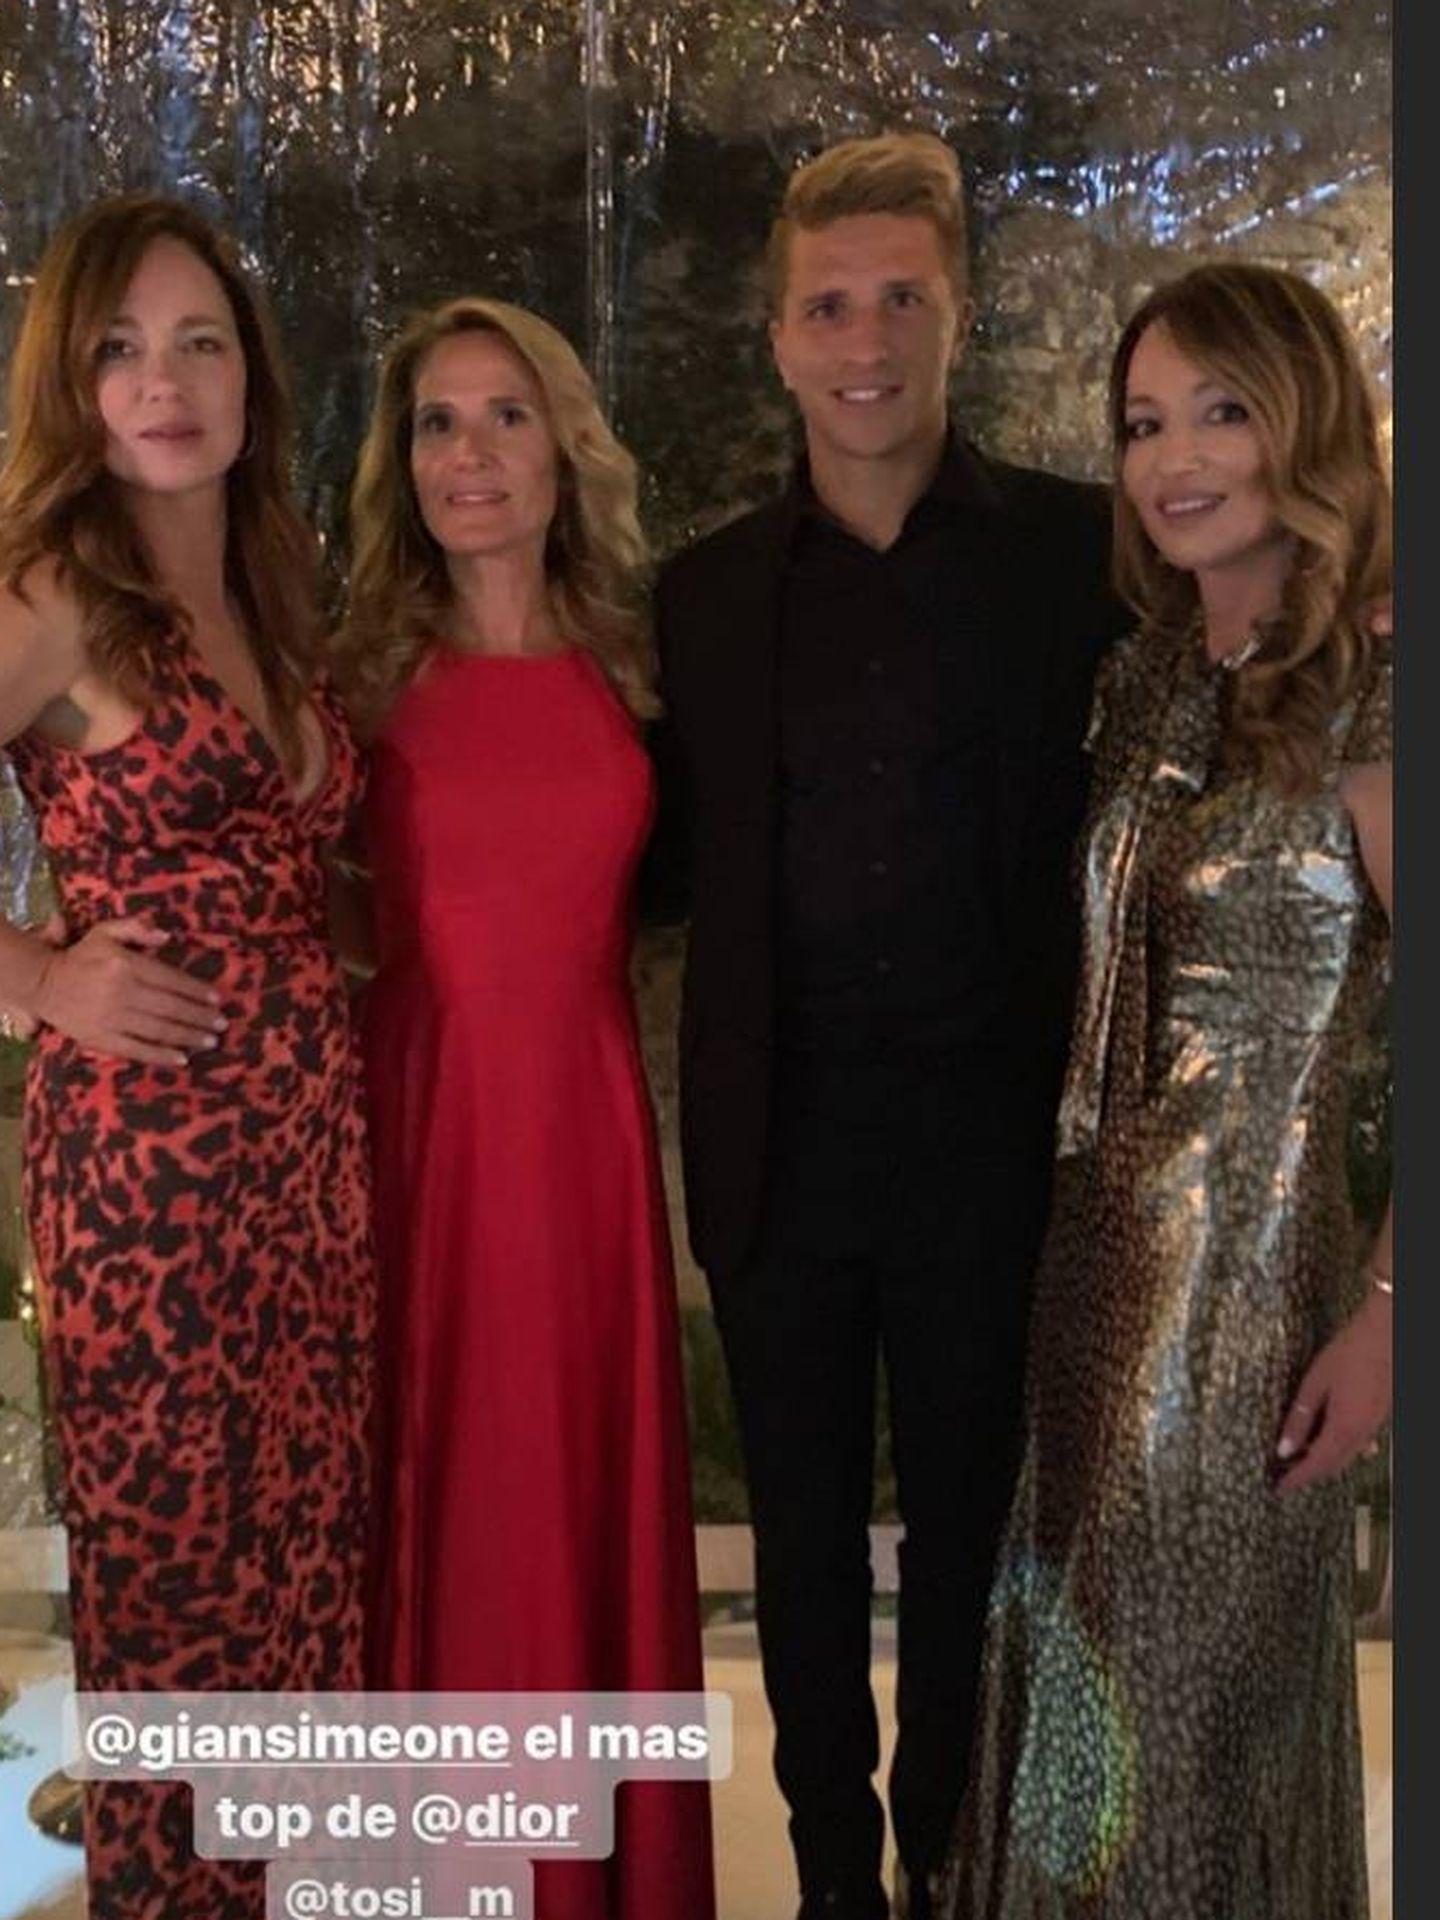 Posando con algunos de los invitados y el hijo de Simeone. (IG)